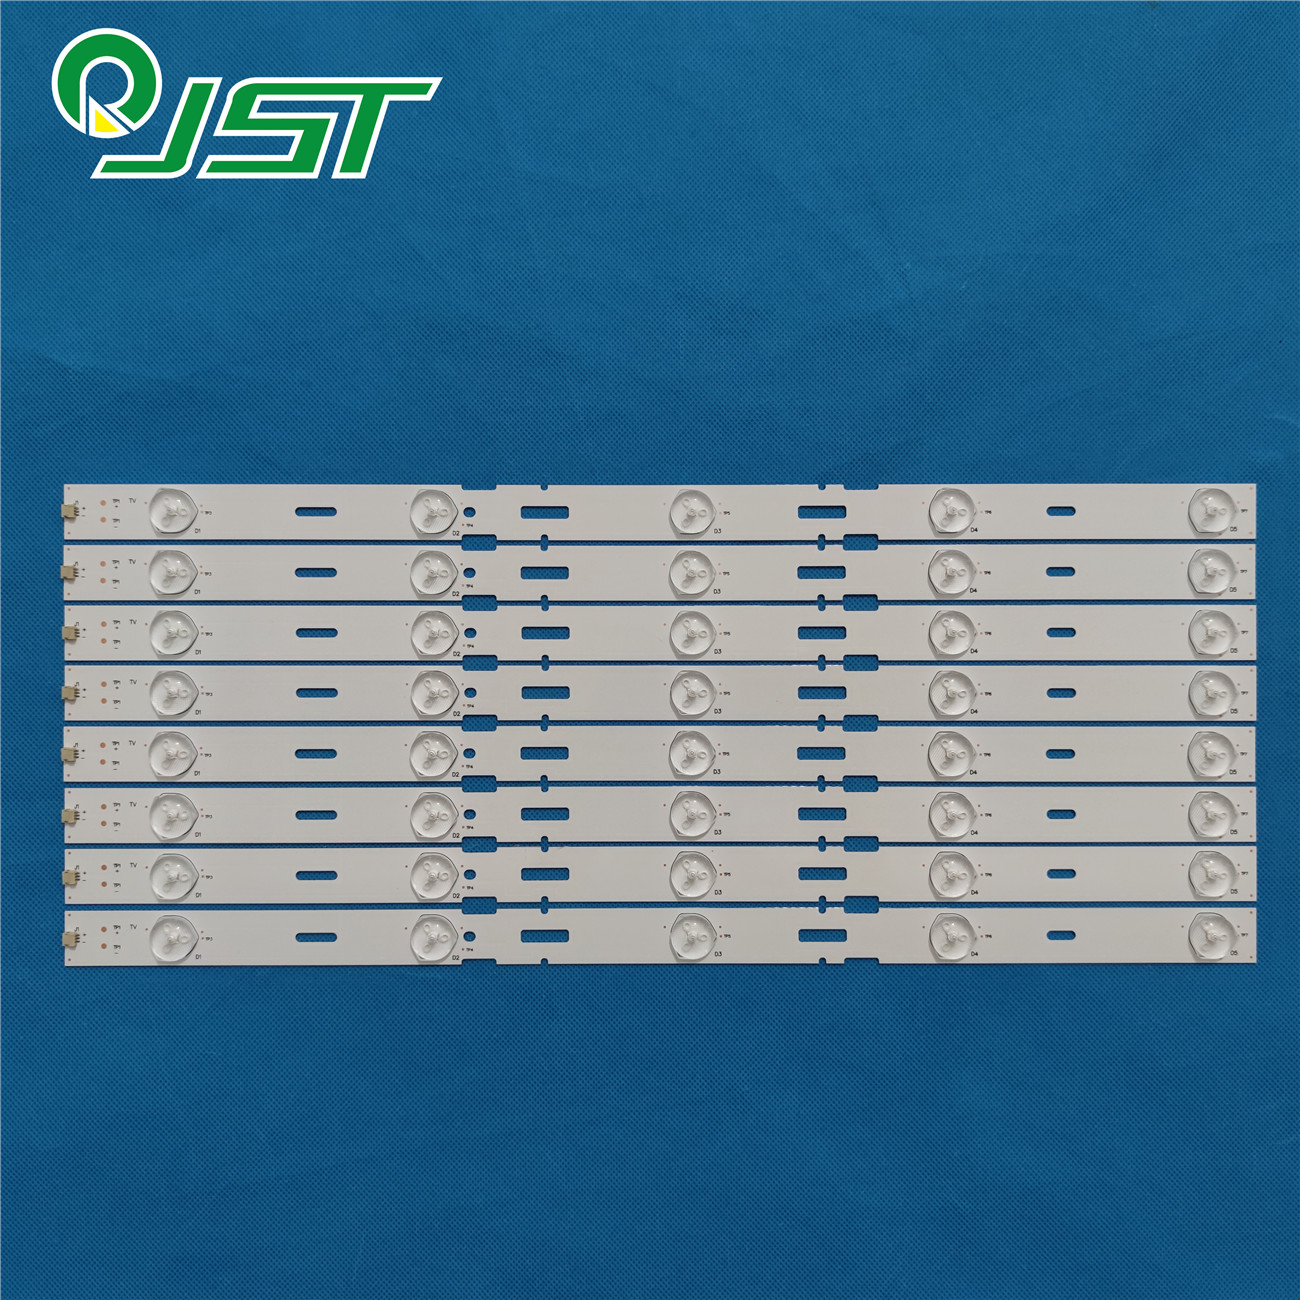 Новинка 100%, 8 шт./комплект светодиодный ные ленты для грандинга телевизора, 40 VLE 6420 BH 40VLE 6420 BH 40VLE6420 BH 40 VLE 6520 BL 40VLE 6520 BL 40VLE6520 BL